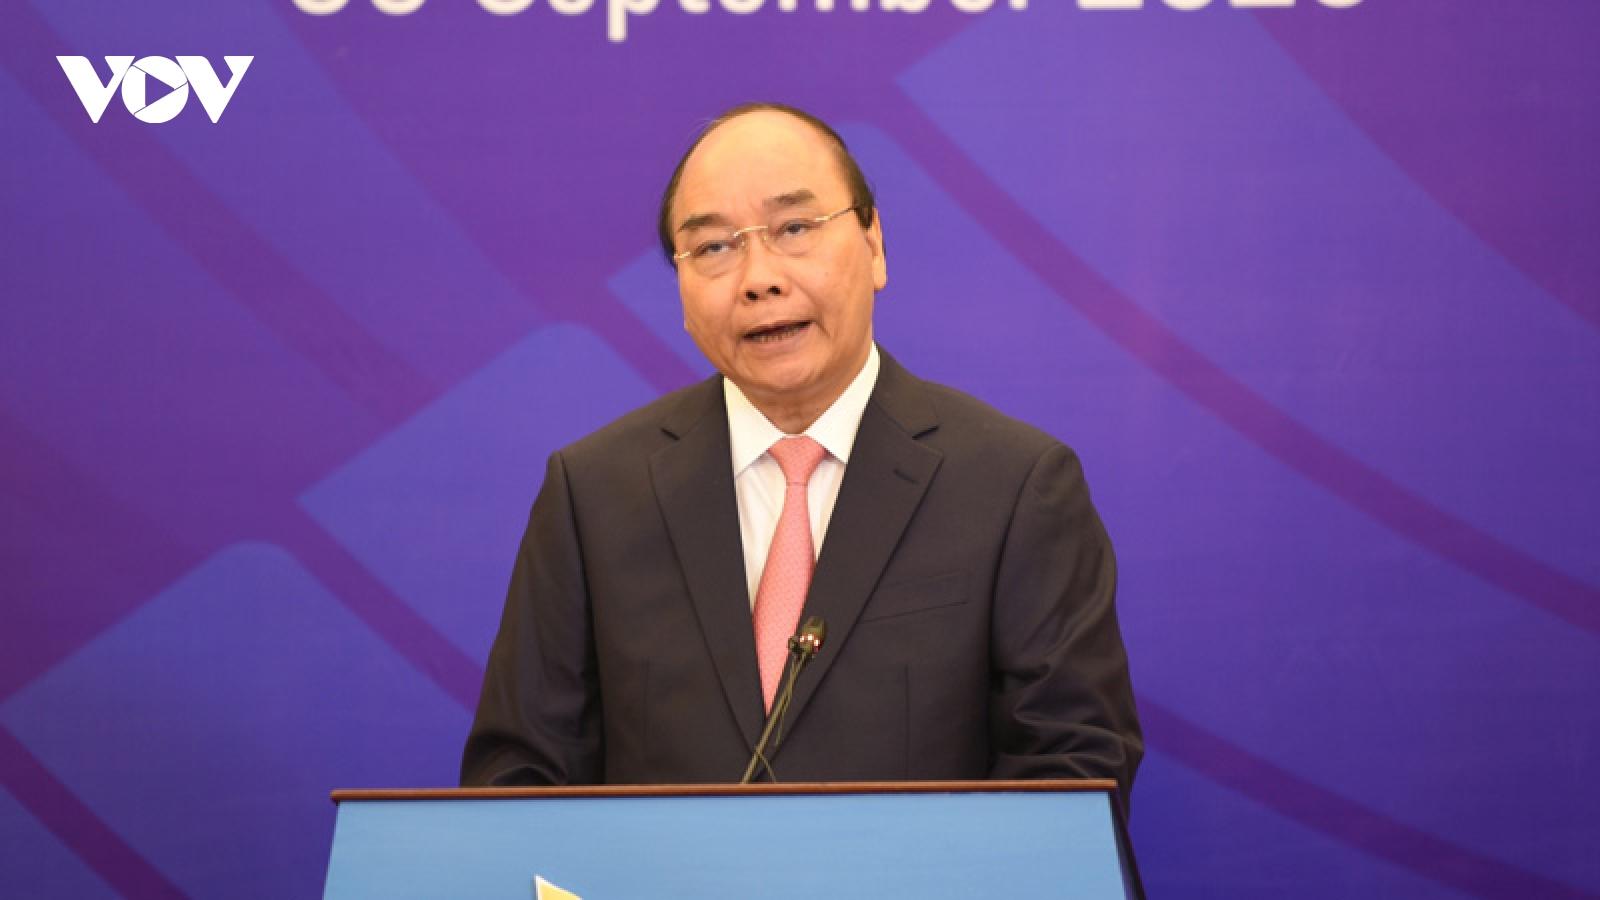 Thủ tướng: ASEAN tay trong tay, ngẩng cao đầu đối diện với khó khăn, thách thức